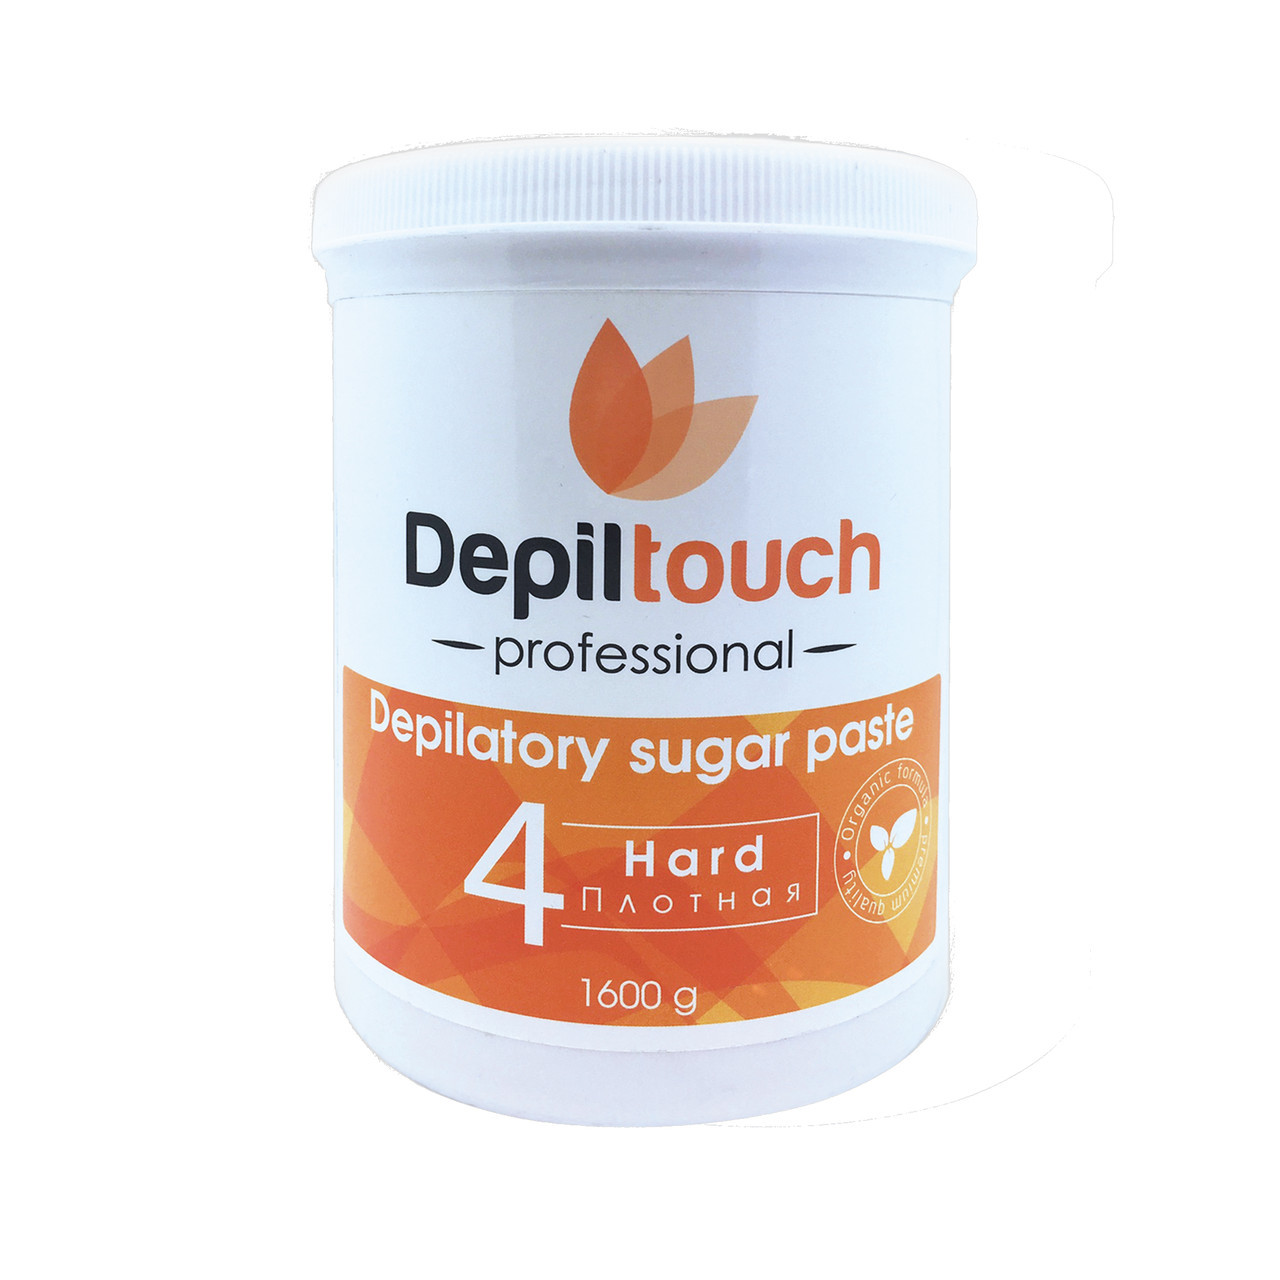 Сахарная паста для депиляции плотная Depiltouch Professional 1600g